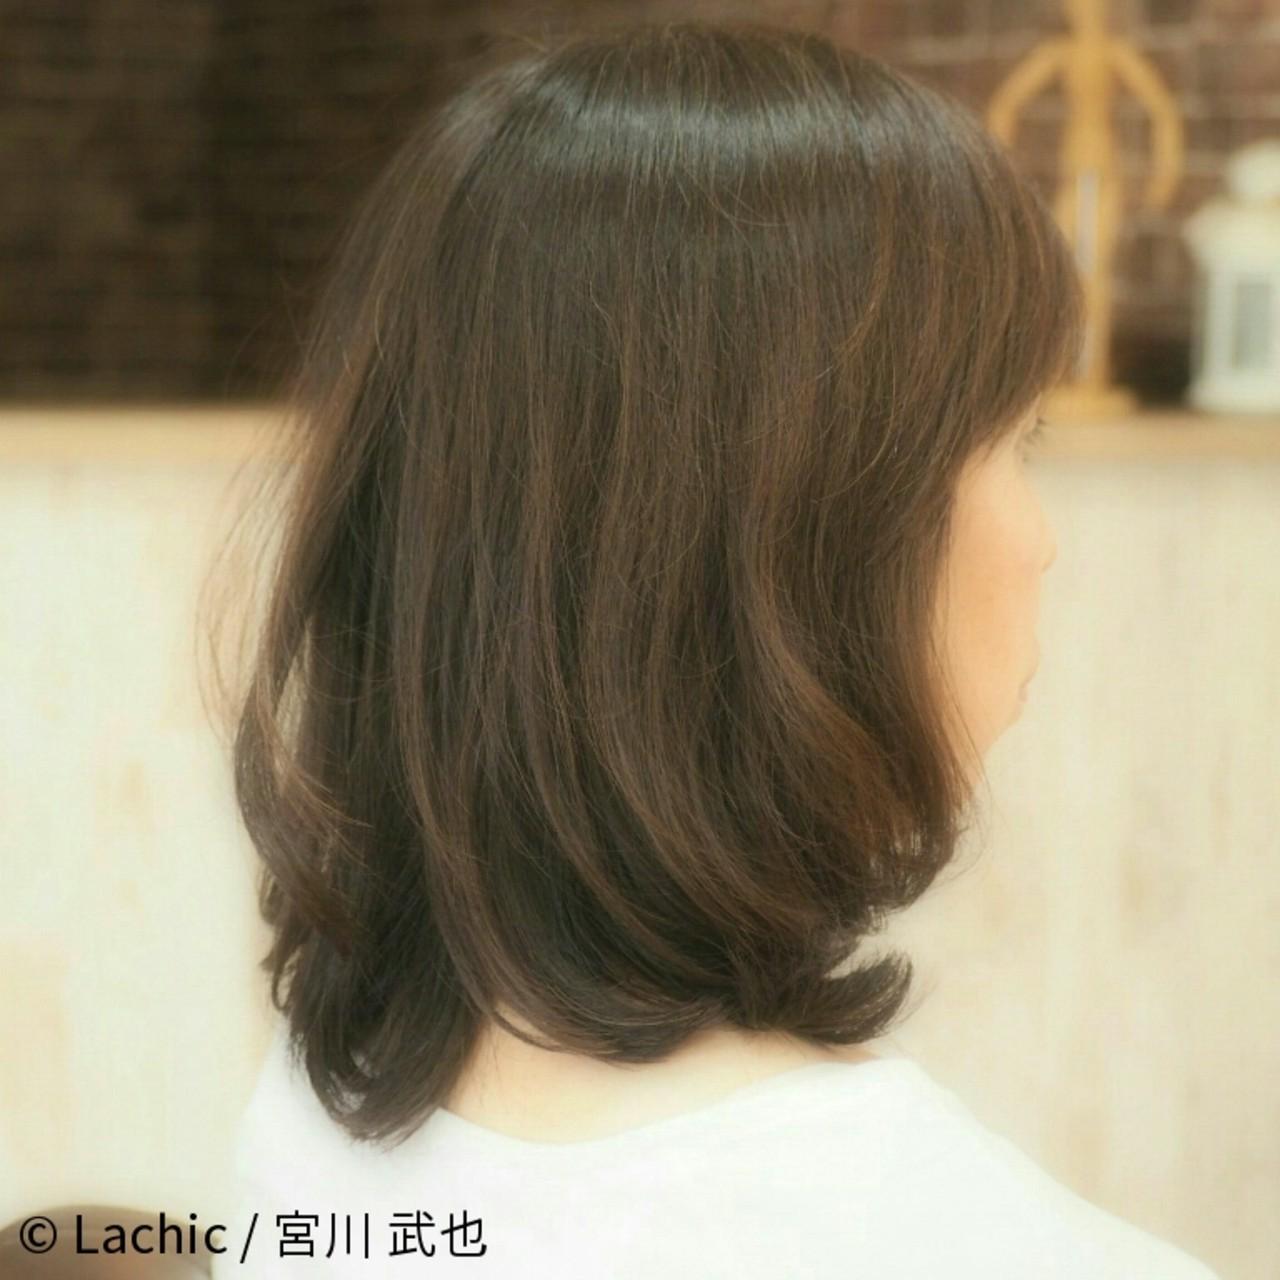 ナチュラル ミディアム パーマ 40代 ヘアスタイルや髪型の写真・画像